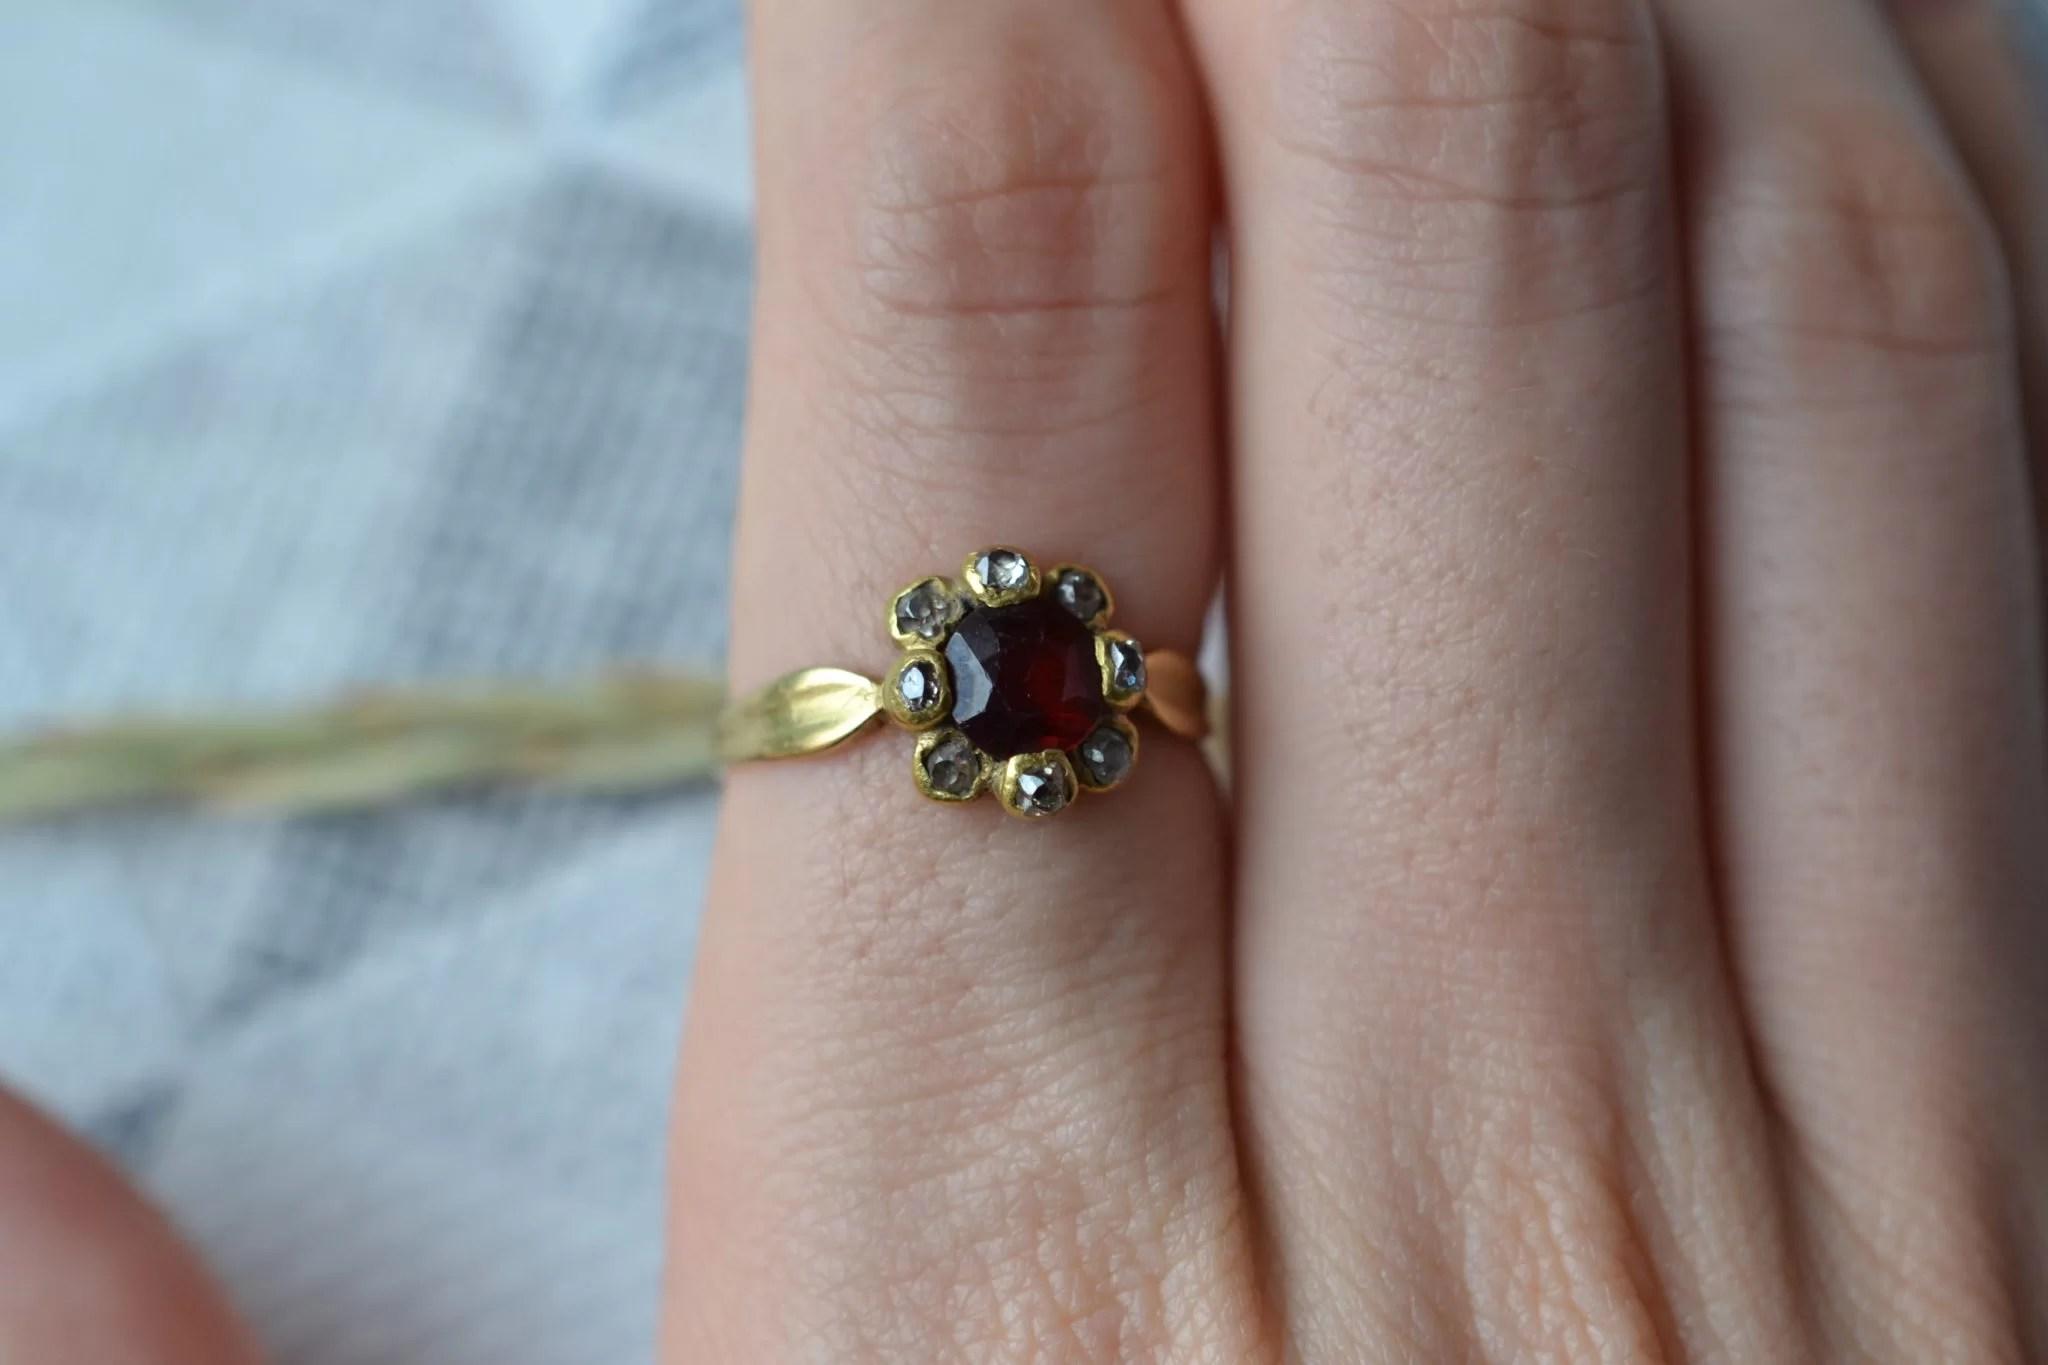 Bague en Or sertie d_un grenat central entouré de 8 diamants - bague de fiançailles Vintage